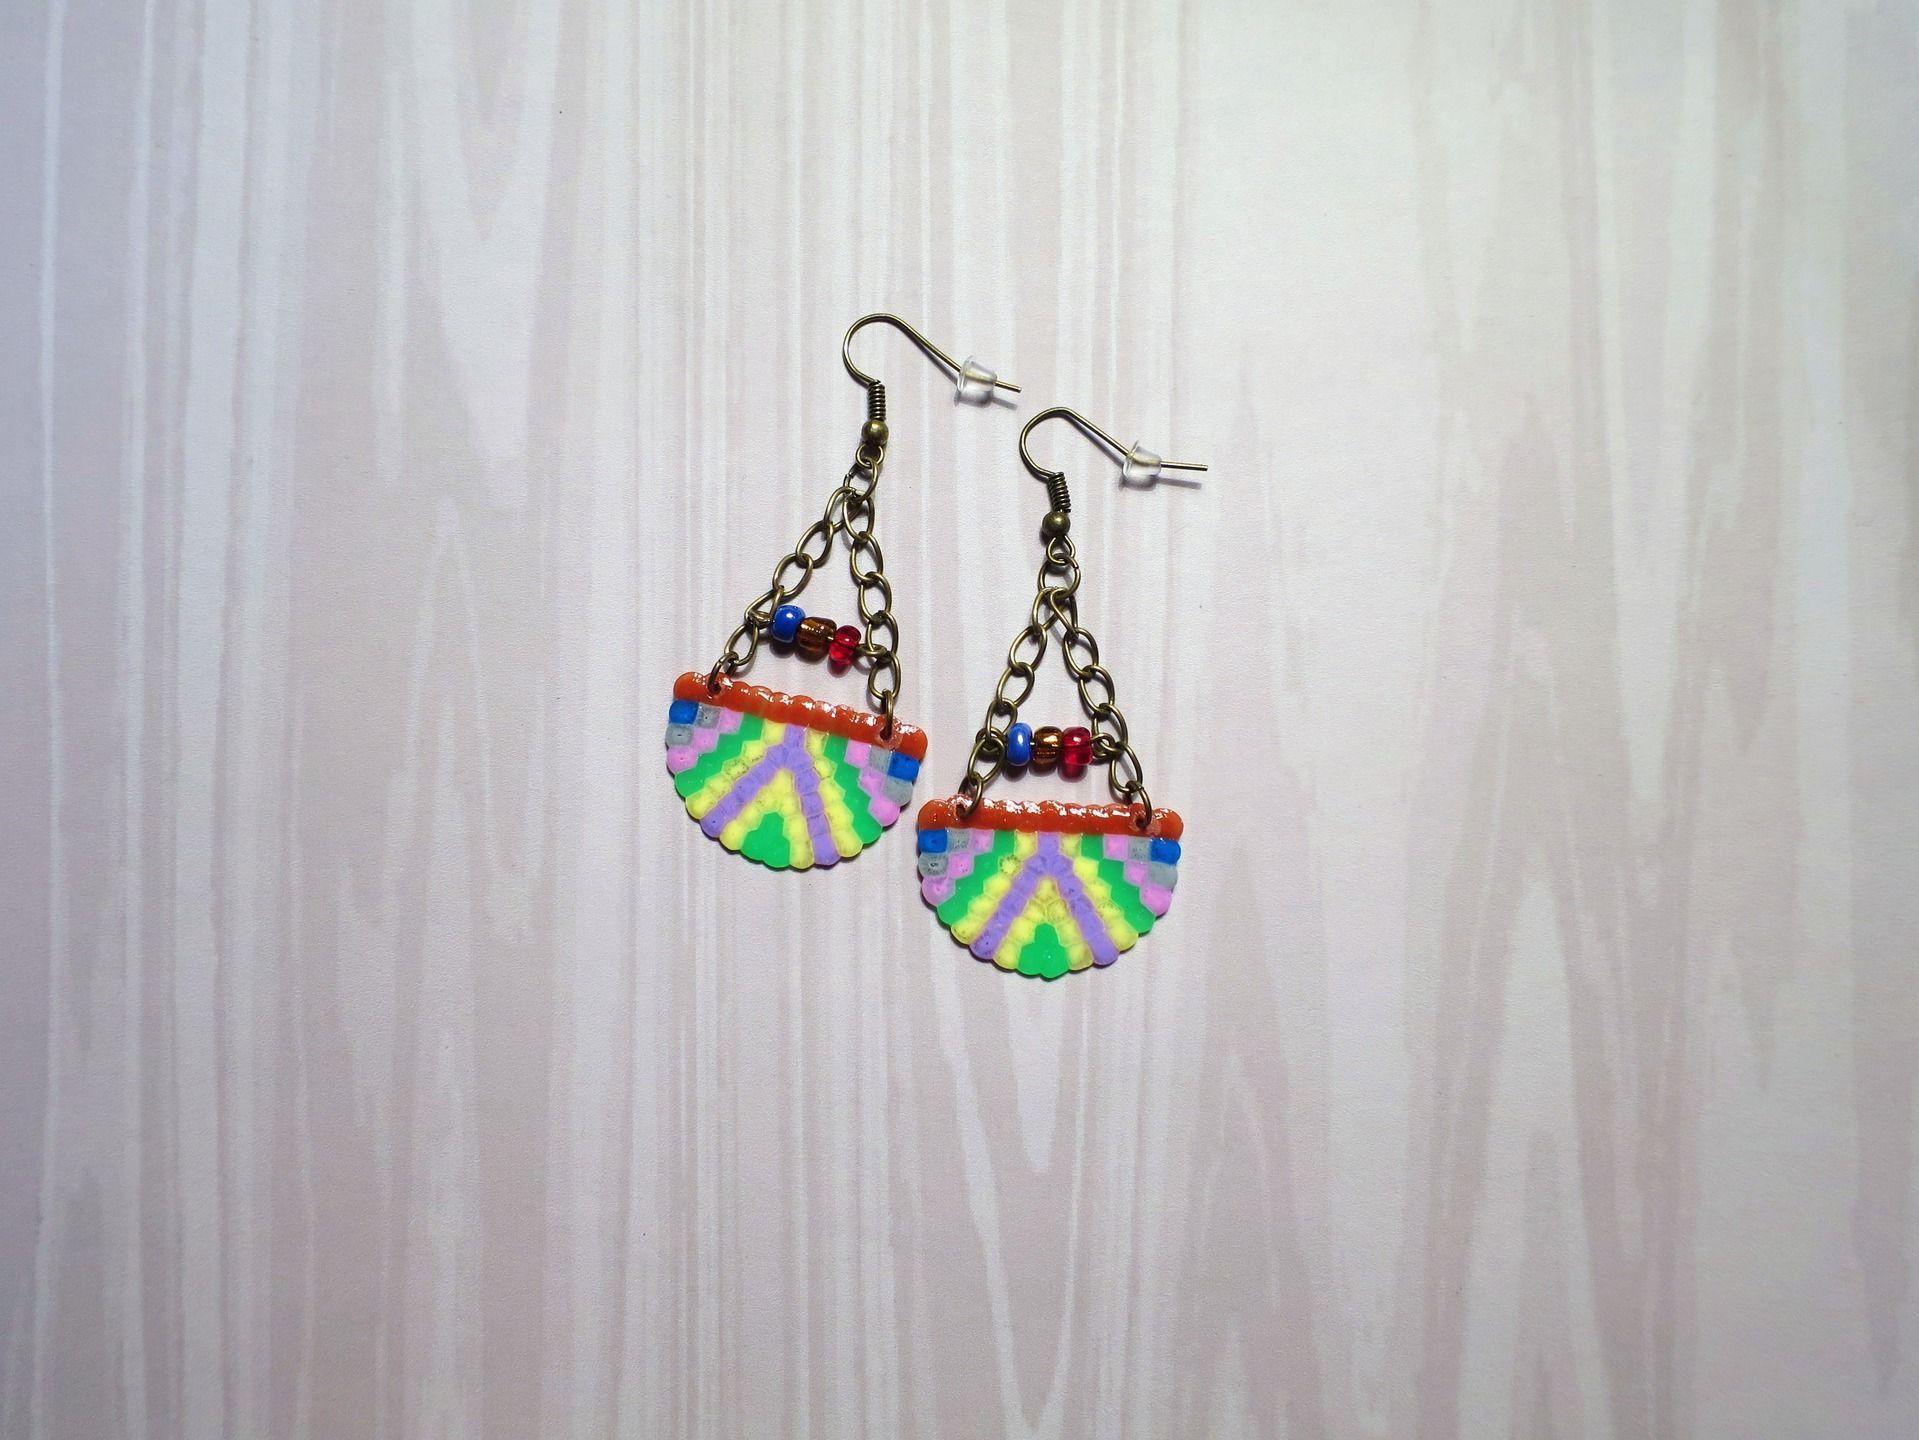 702 - Boucles d'oreilles, motif ethnique, multicolore, bronze : Boucles d'oreille par tout-en-boucles